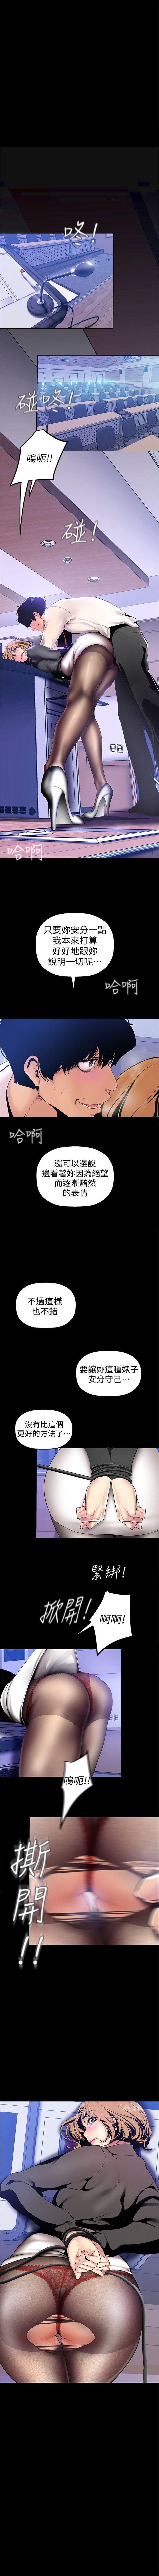 美麗新世界 1-85 官方中文(連載中) 288